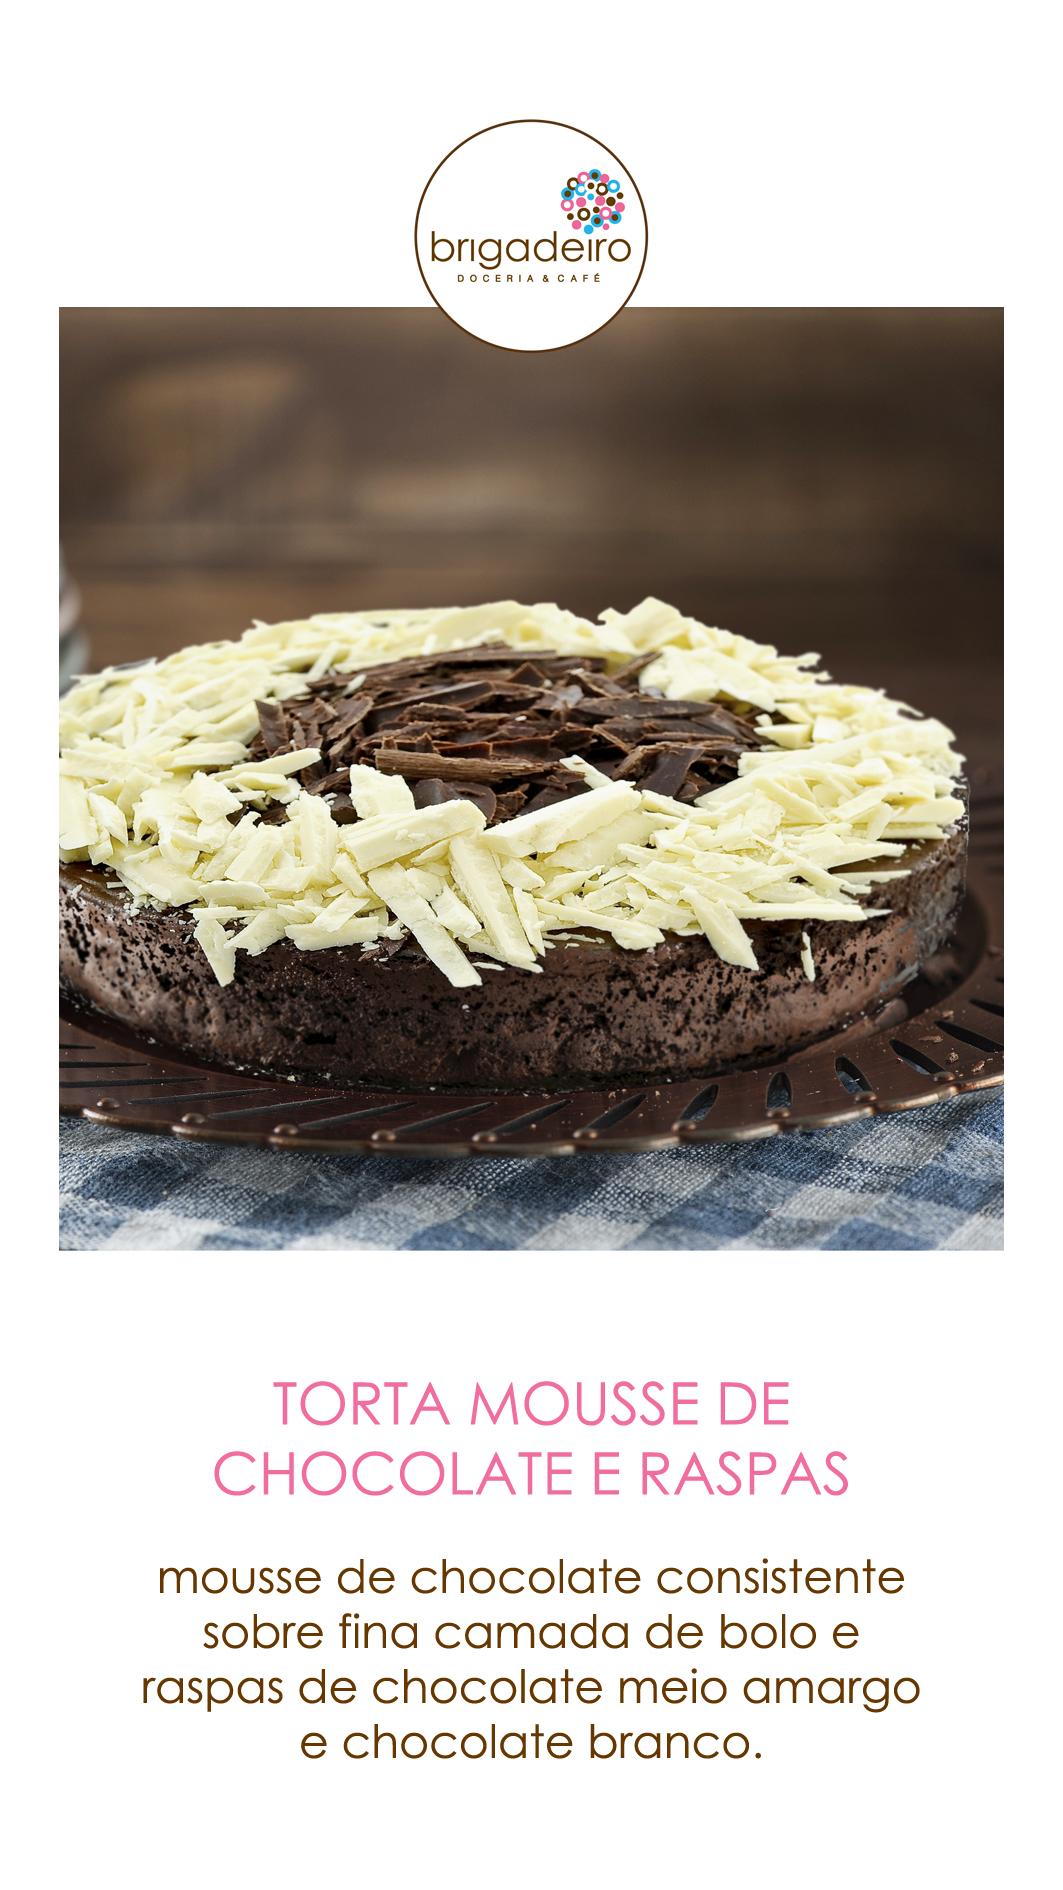 TORTA MOUSSE DE CHOCOLATE E RASPAS